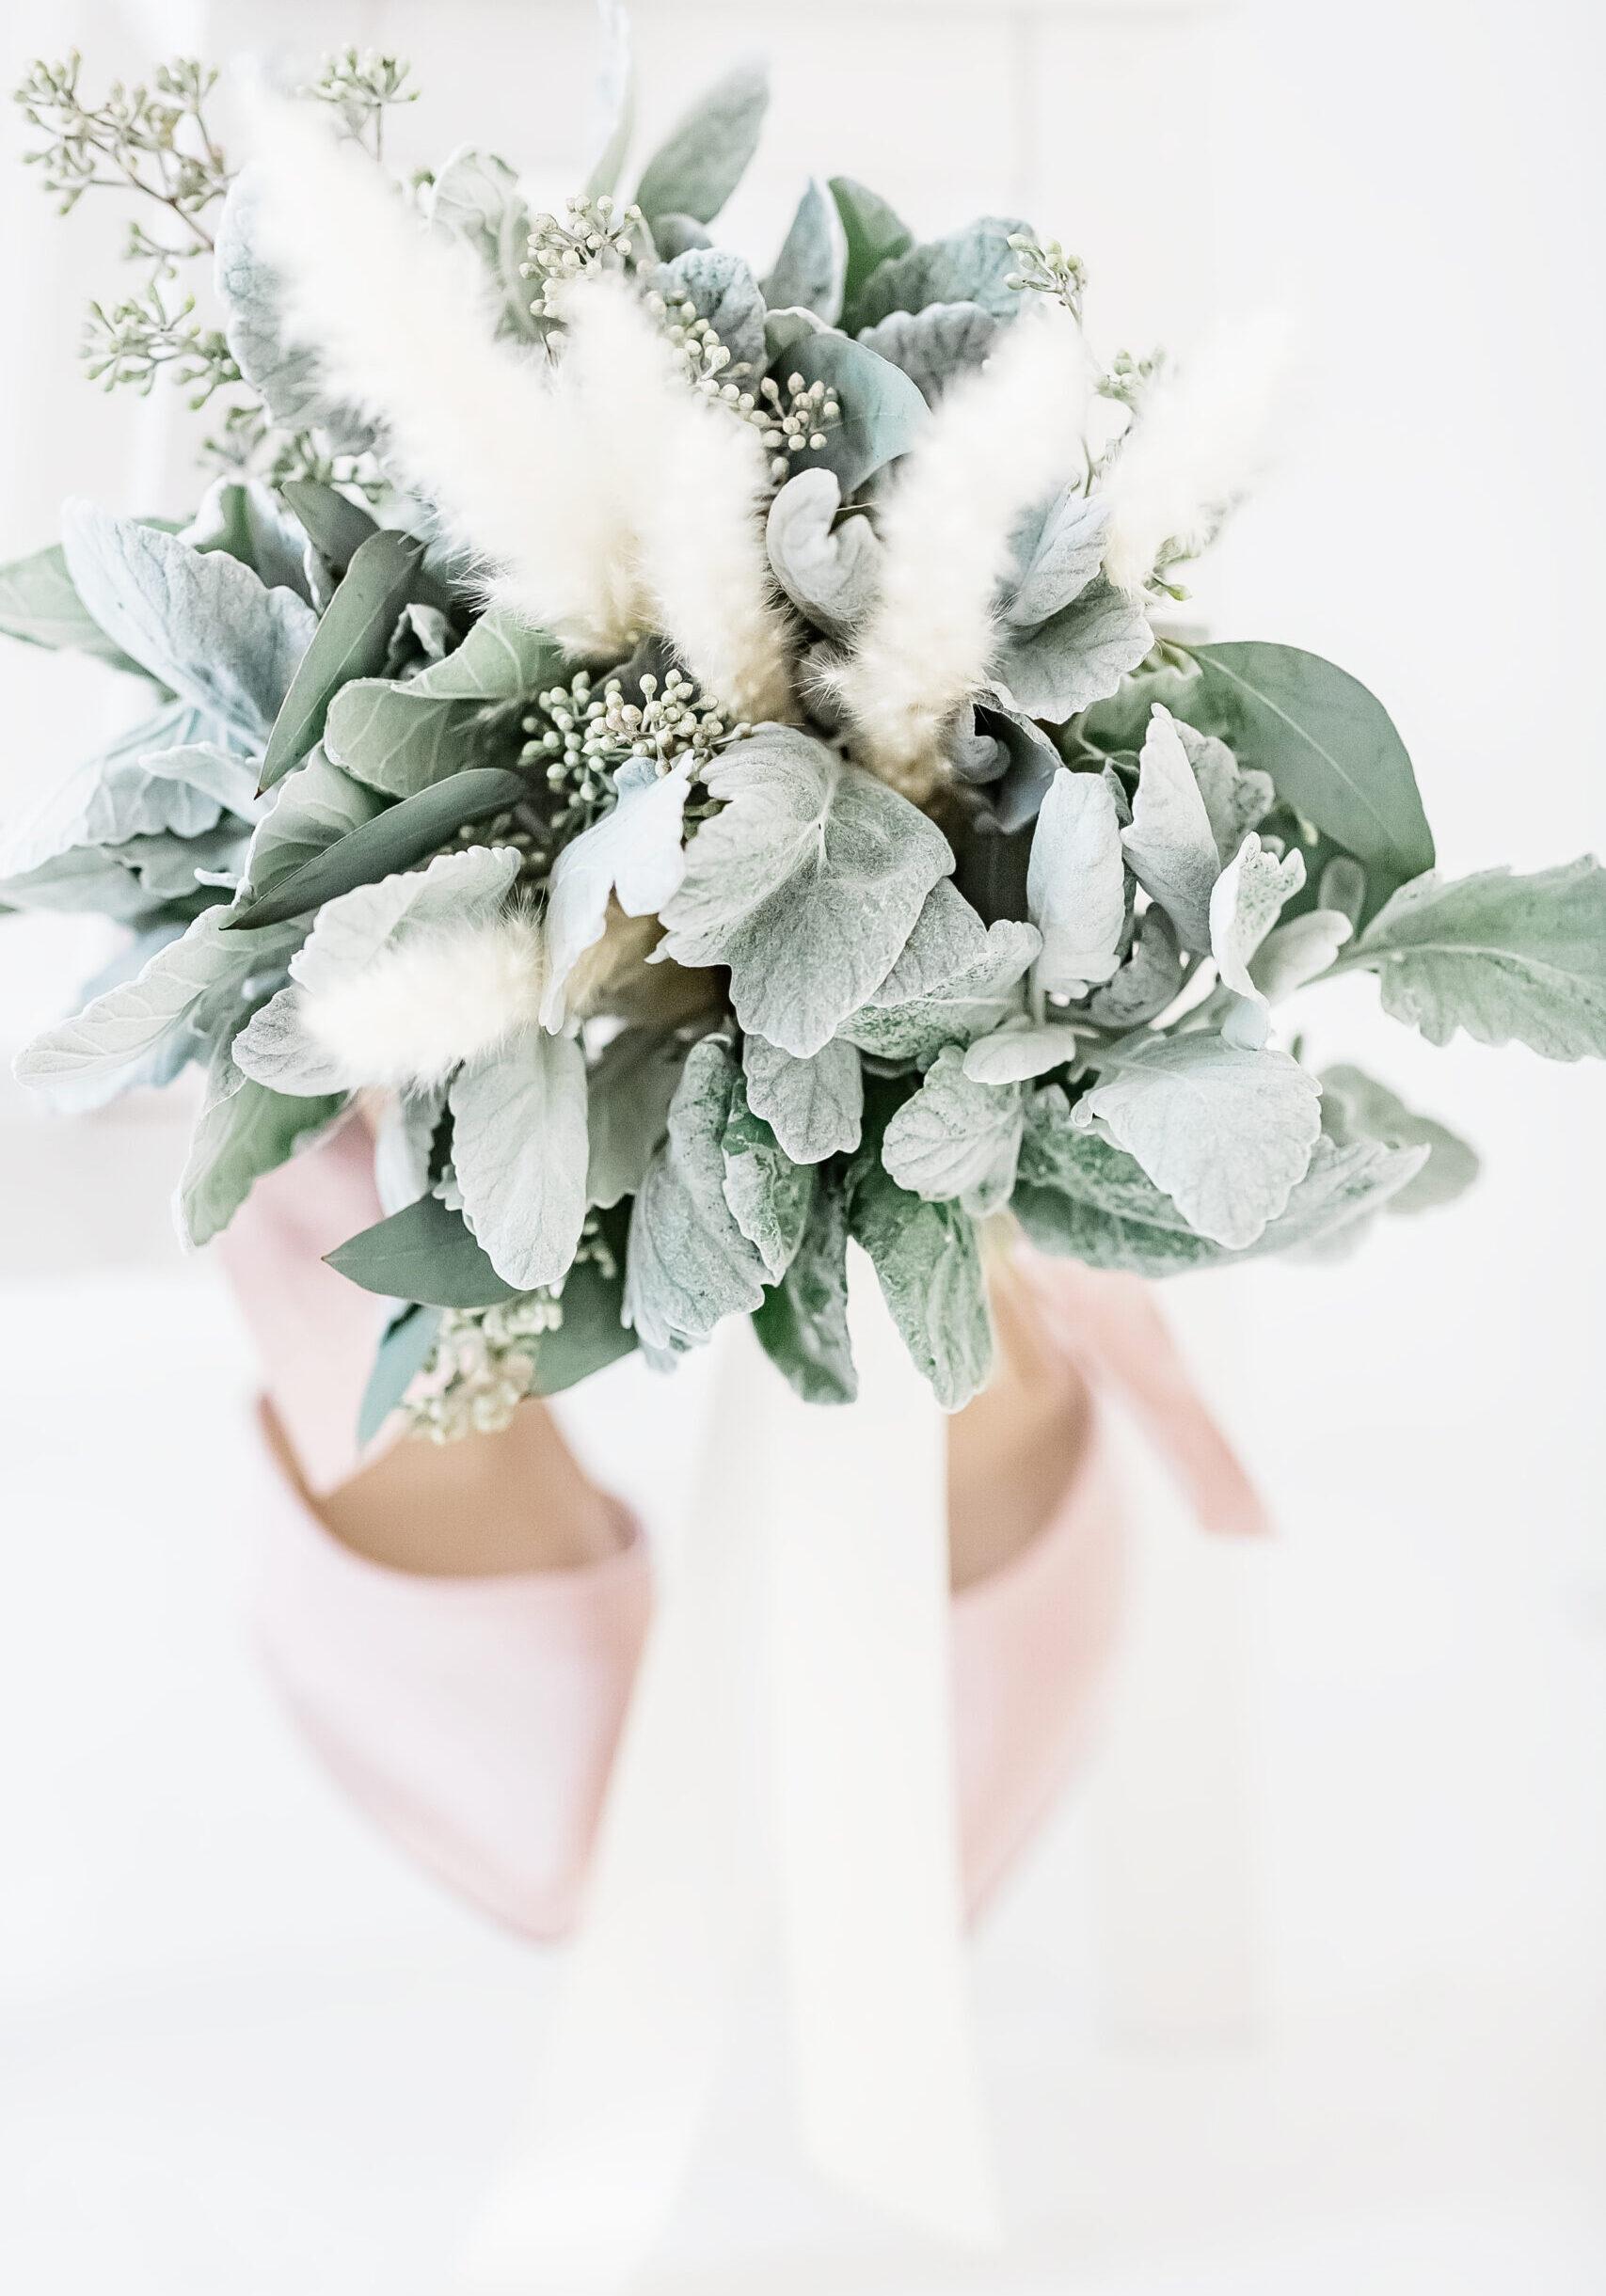 01. Weddings